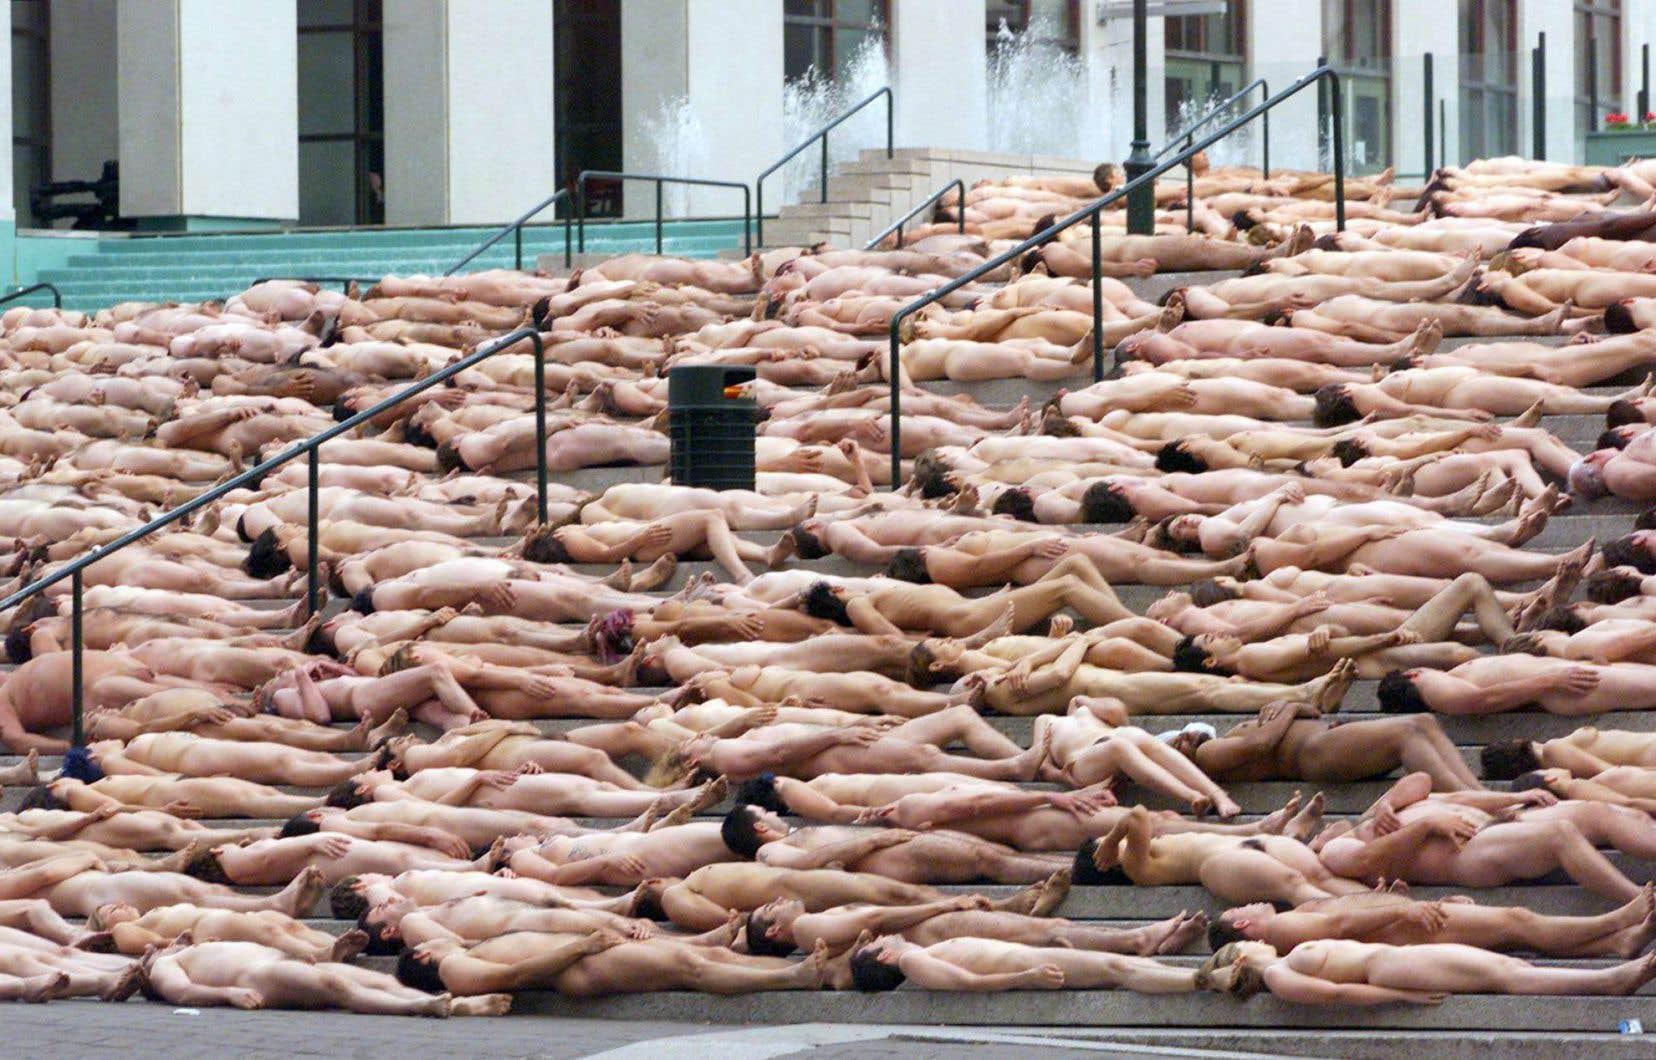 L'inoubliable performance de Spencer Tunick, en 2001, où 3000 personnes se sont dénudées sur l'esplanade de la Place des Arts.